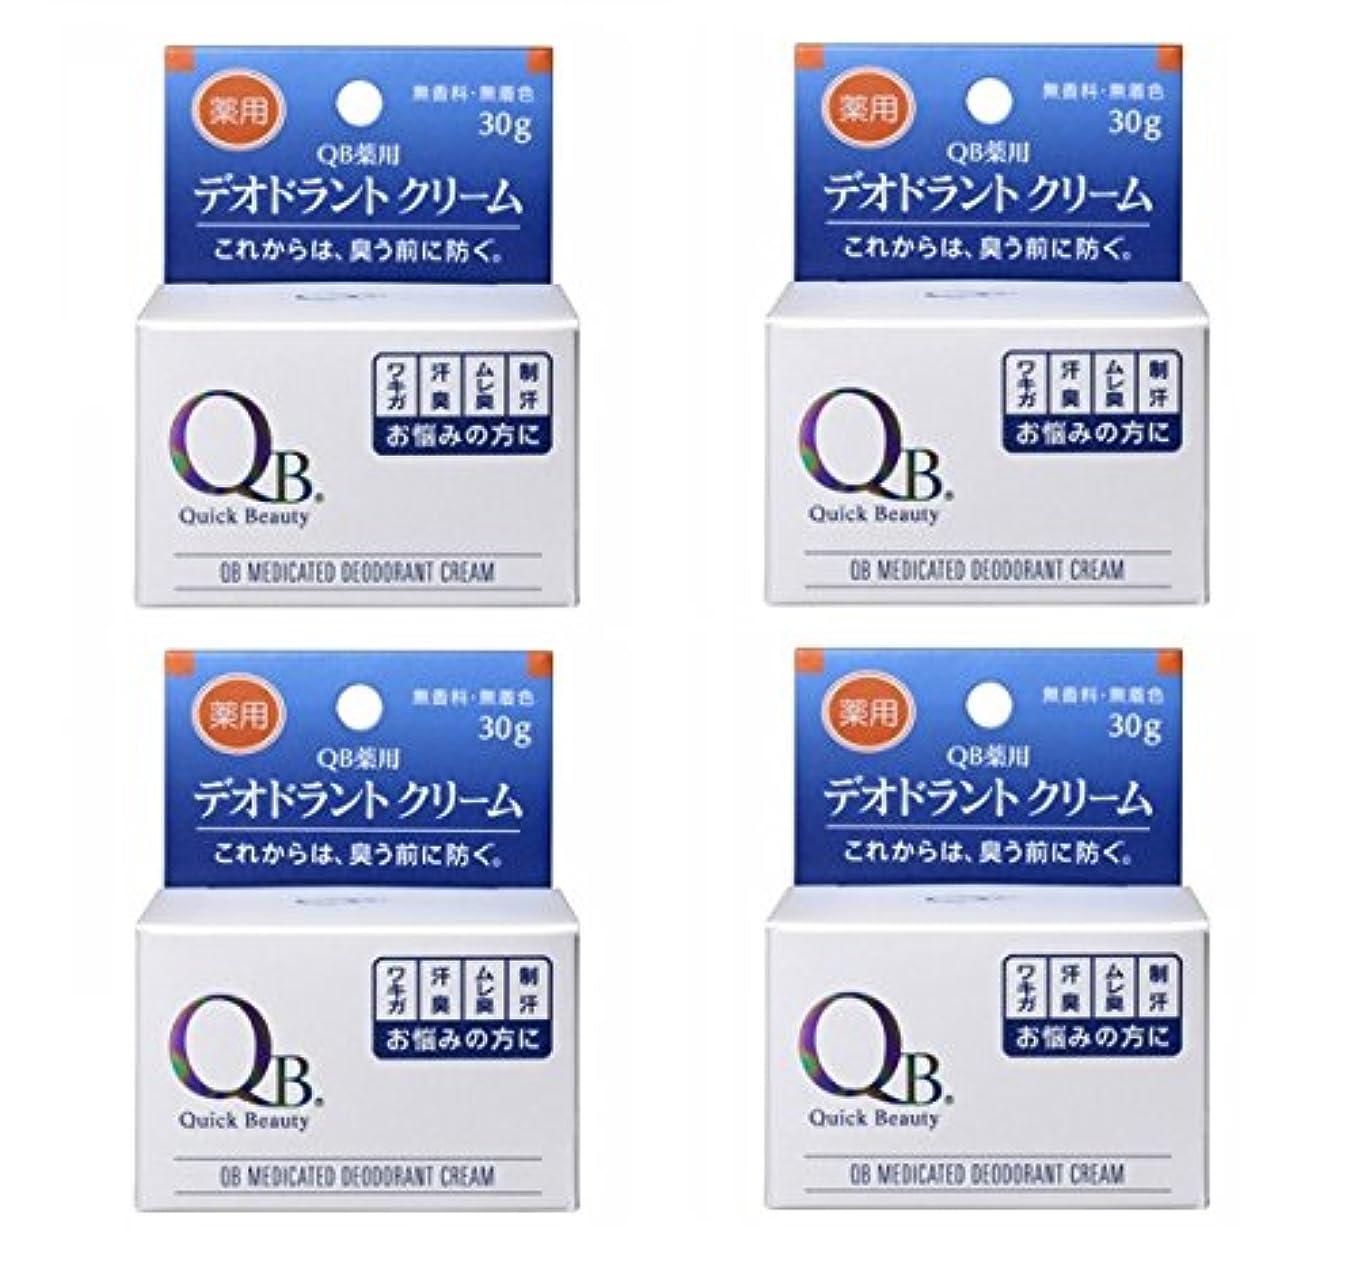 気難しい内なるレビュー【×4個】 QB 薬用デオドラントクリーム 30g 【国内正規品】